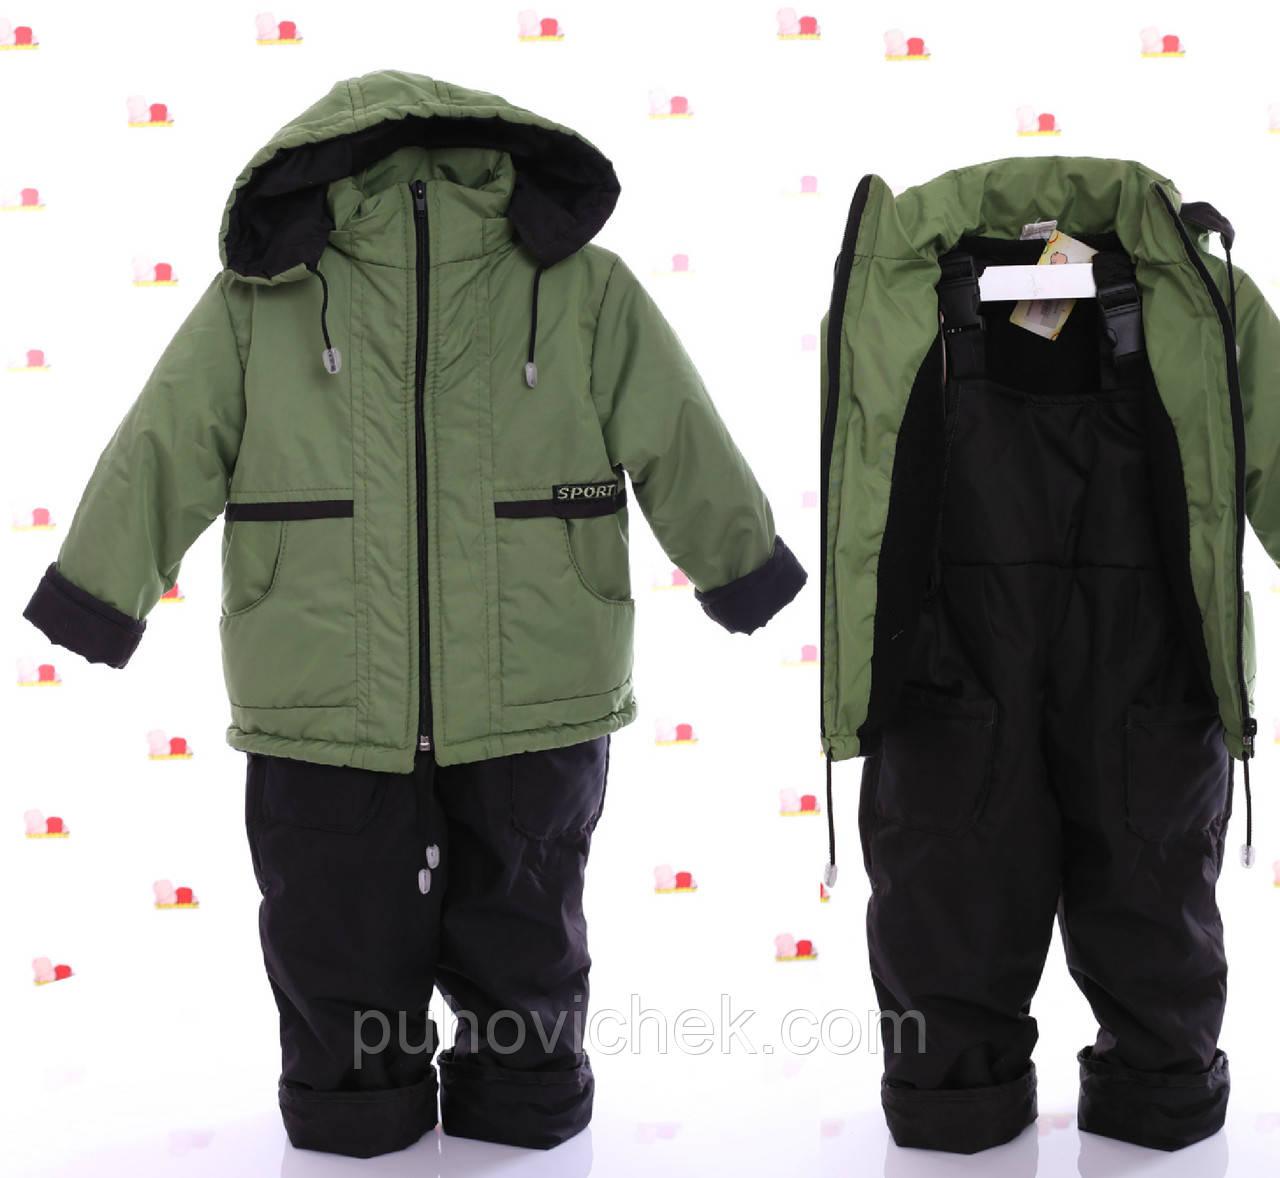 Осенние костюмы для мальчиков куртка и штаны